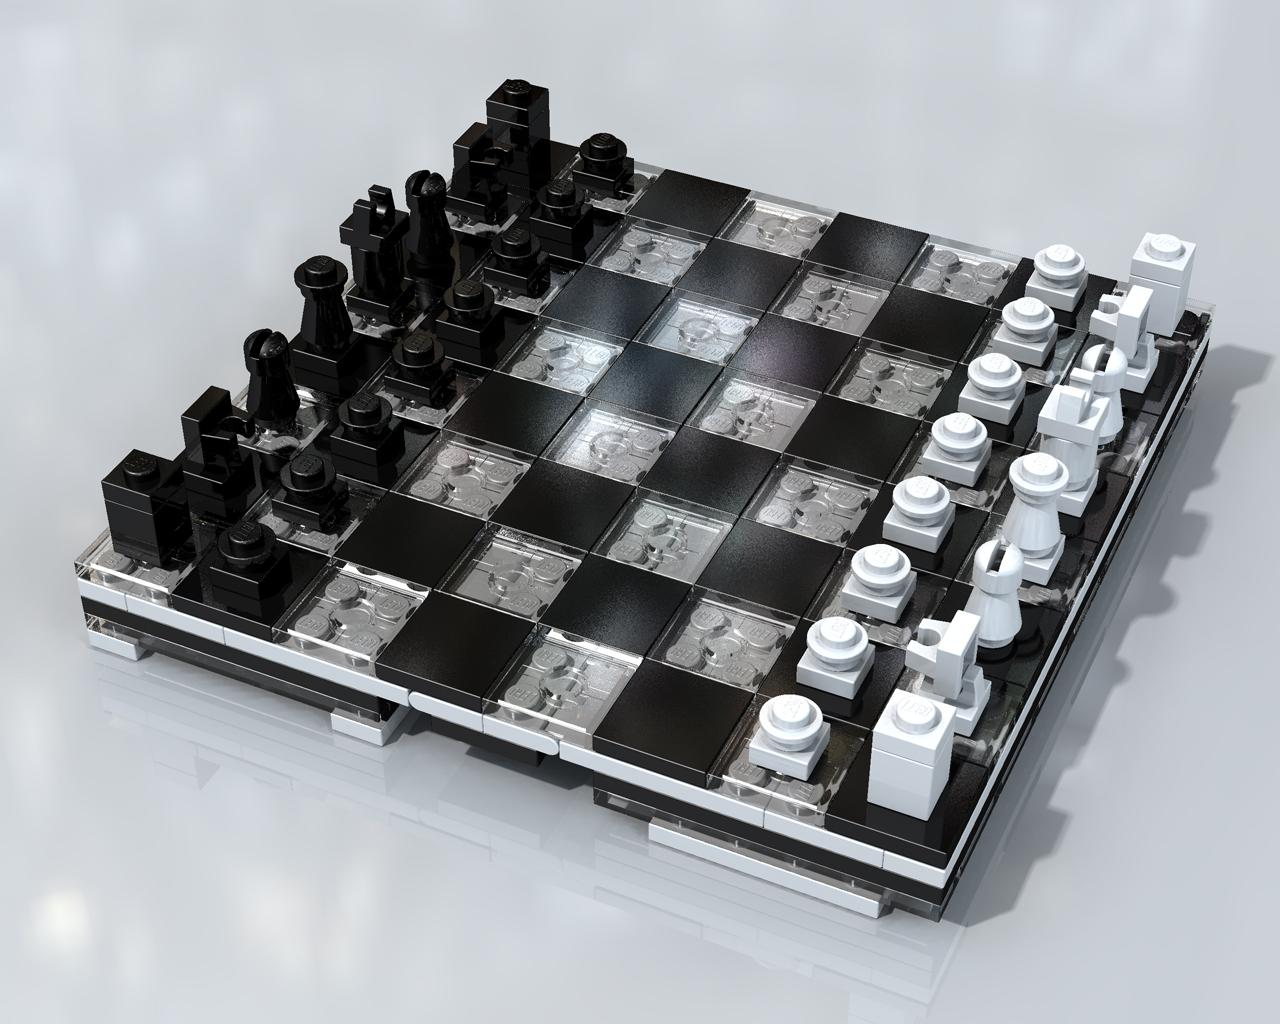 Mini Lego Chess Set #2